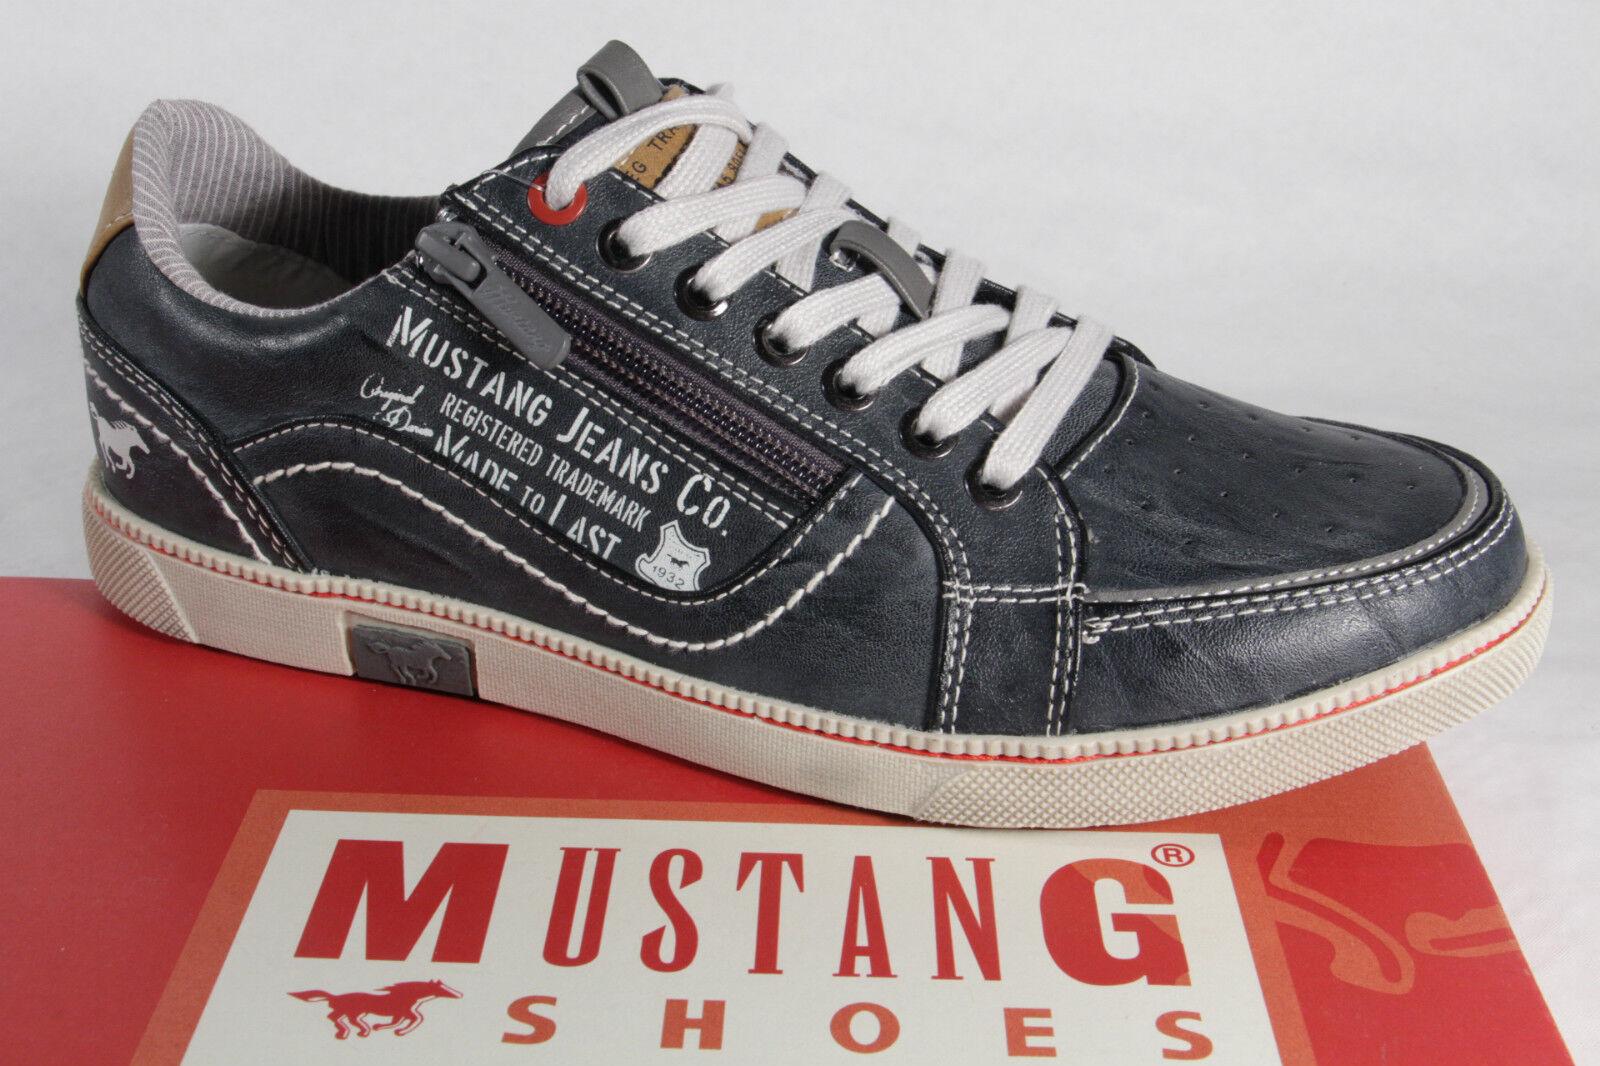 Mustang Herren 4073 Schnürschuh Sneakers Halbschuh grau Gummisohle NEU!